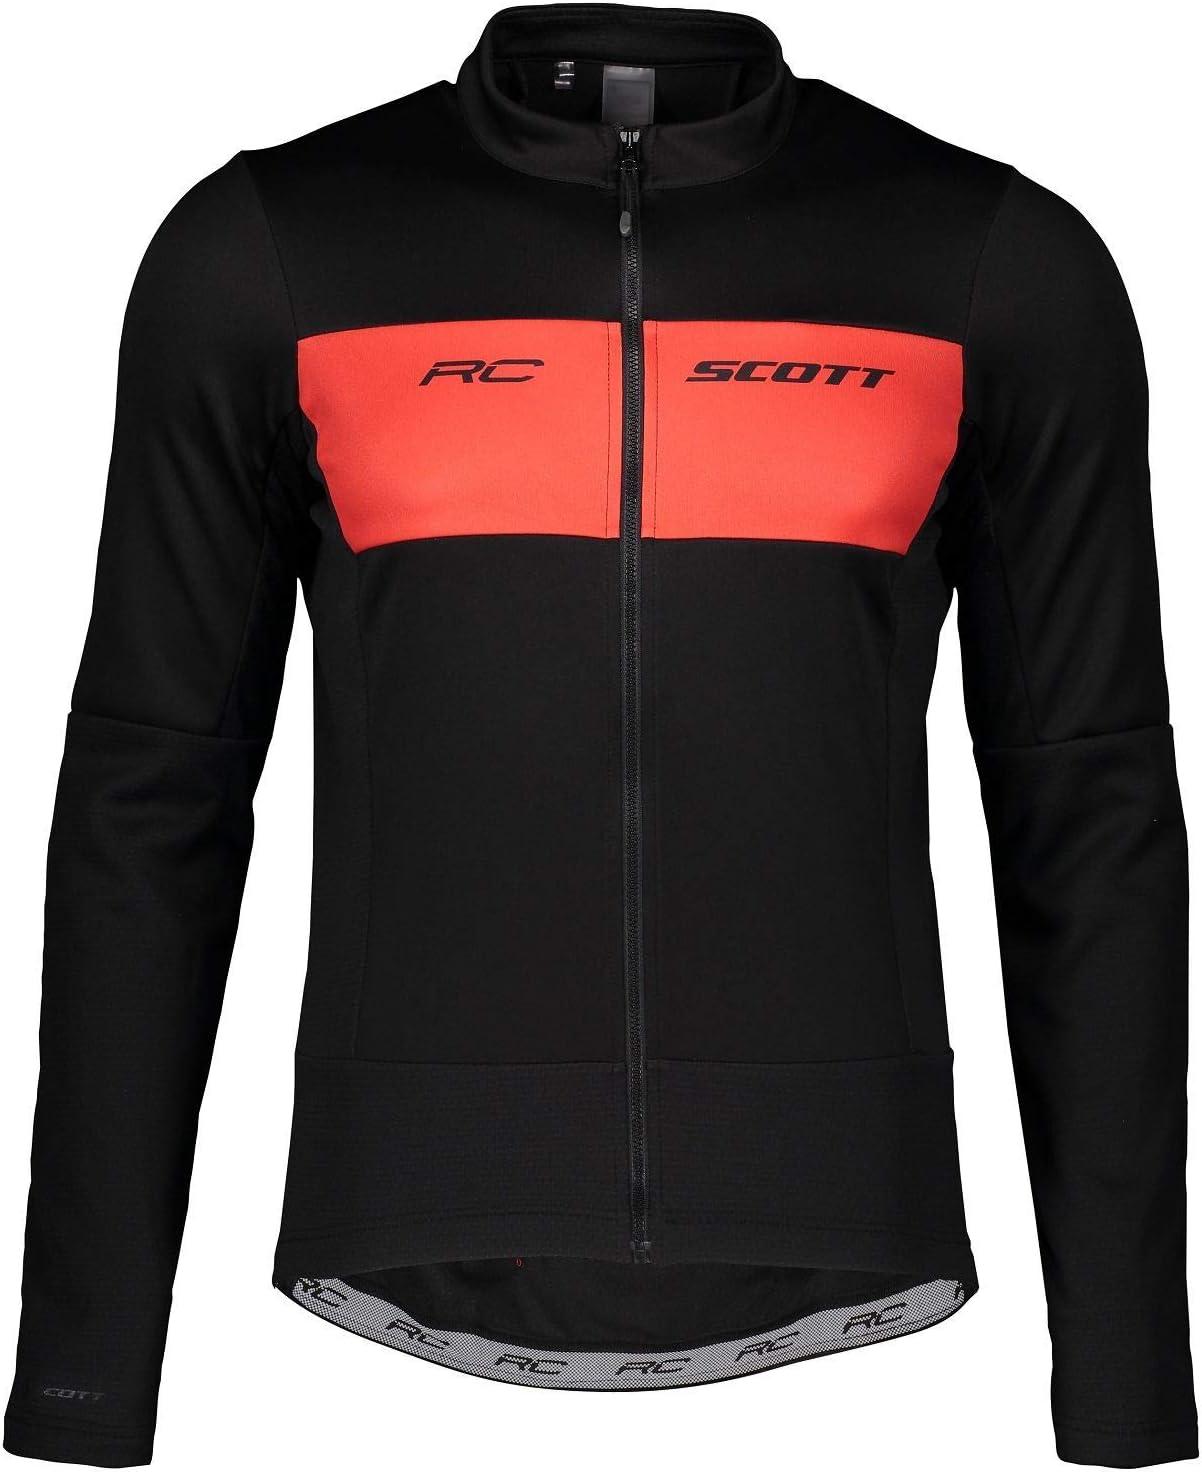 Scott Endurance Warm Winter Fahrrad Suit Anzug schwarz 2020